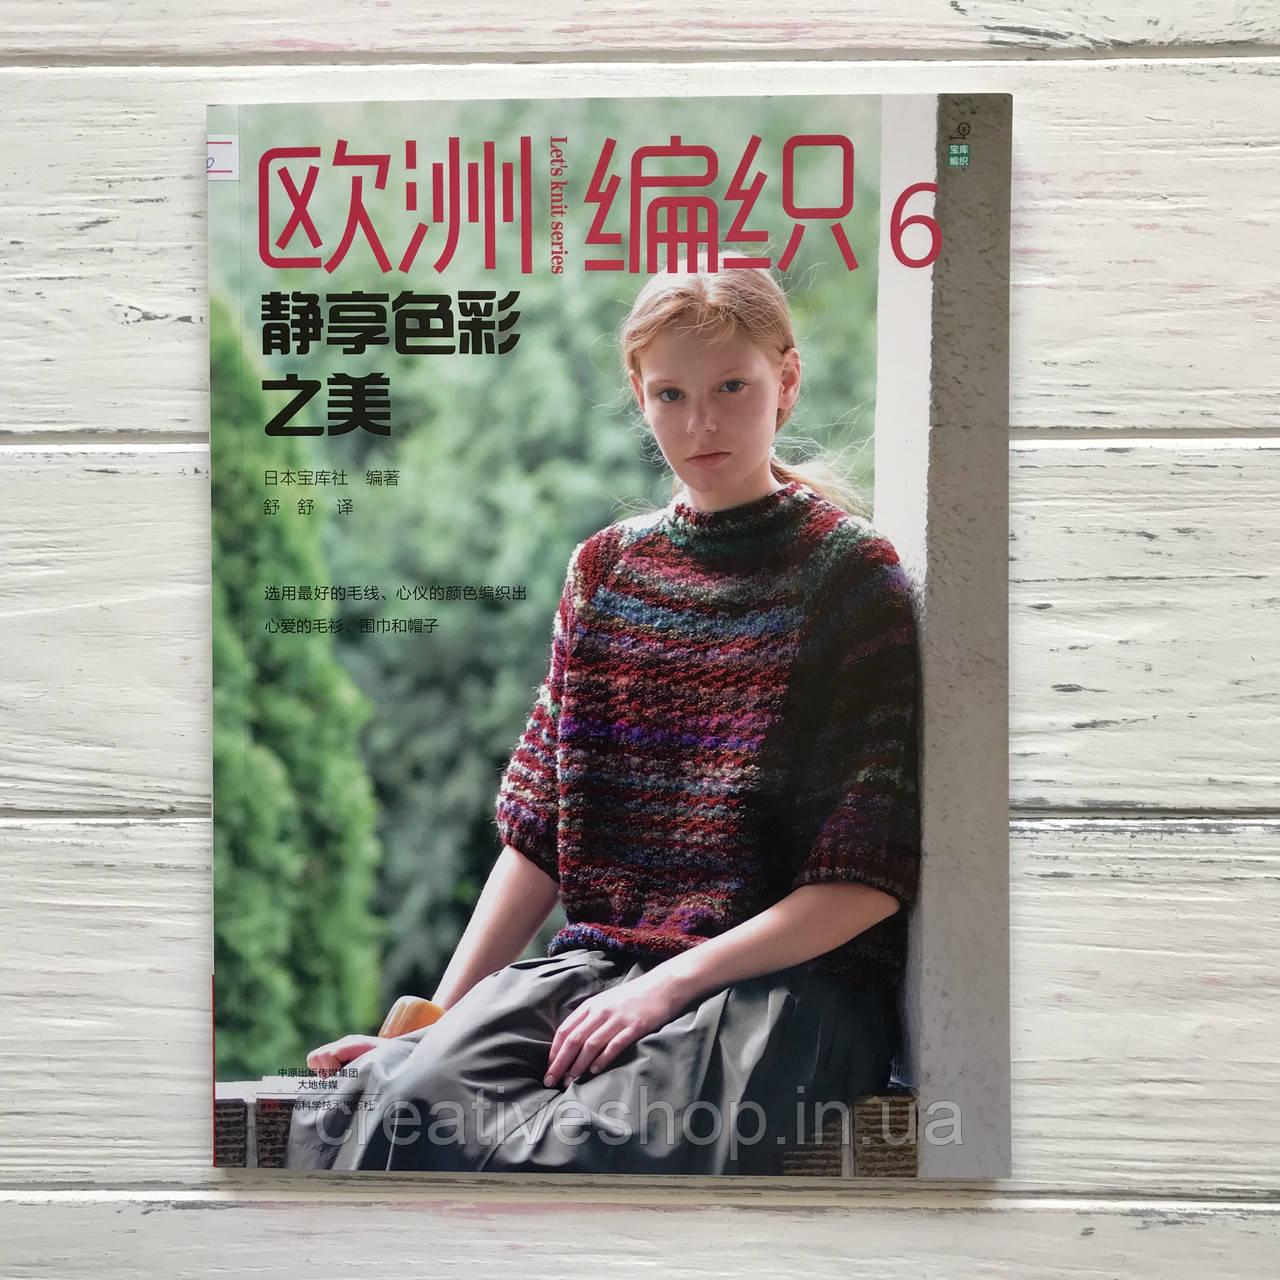 """Японский журнал по вязанию """"Lets knit 6"""""""